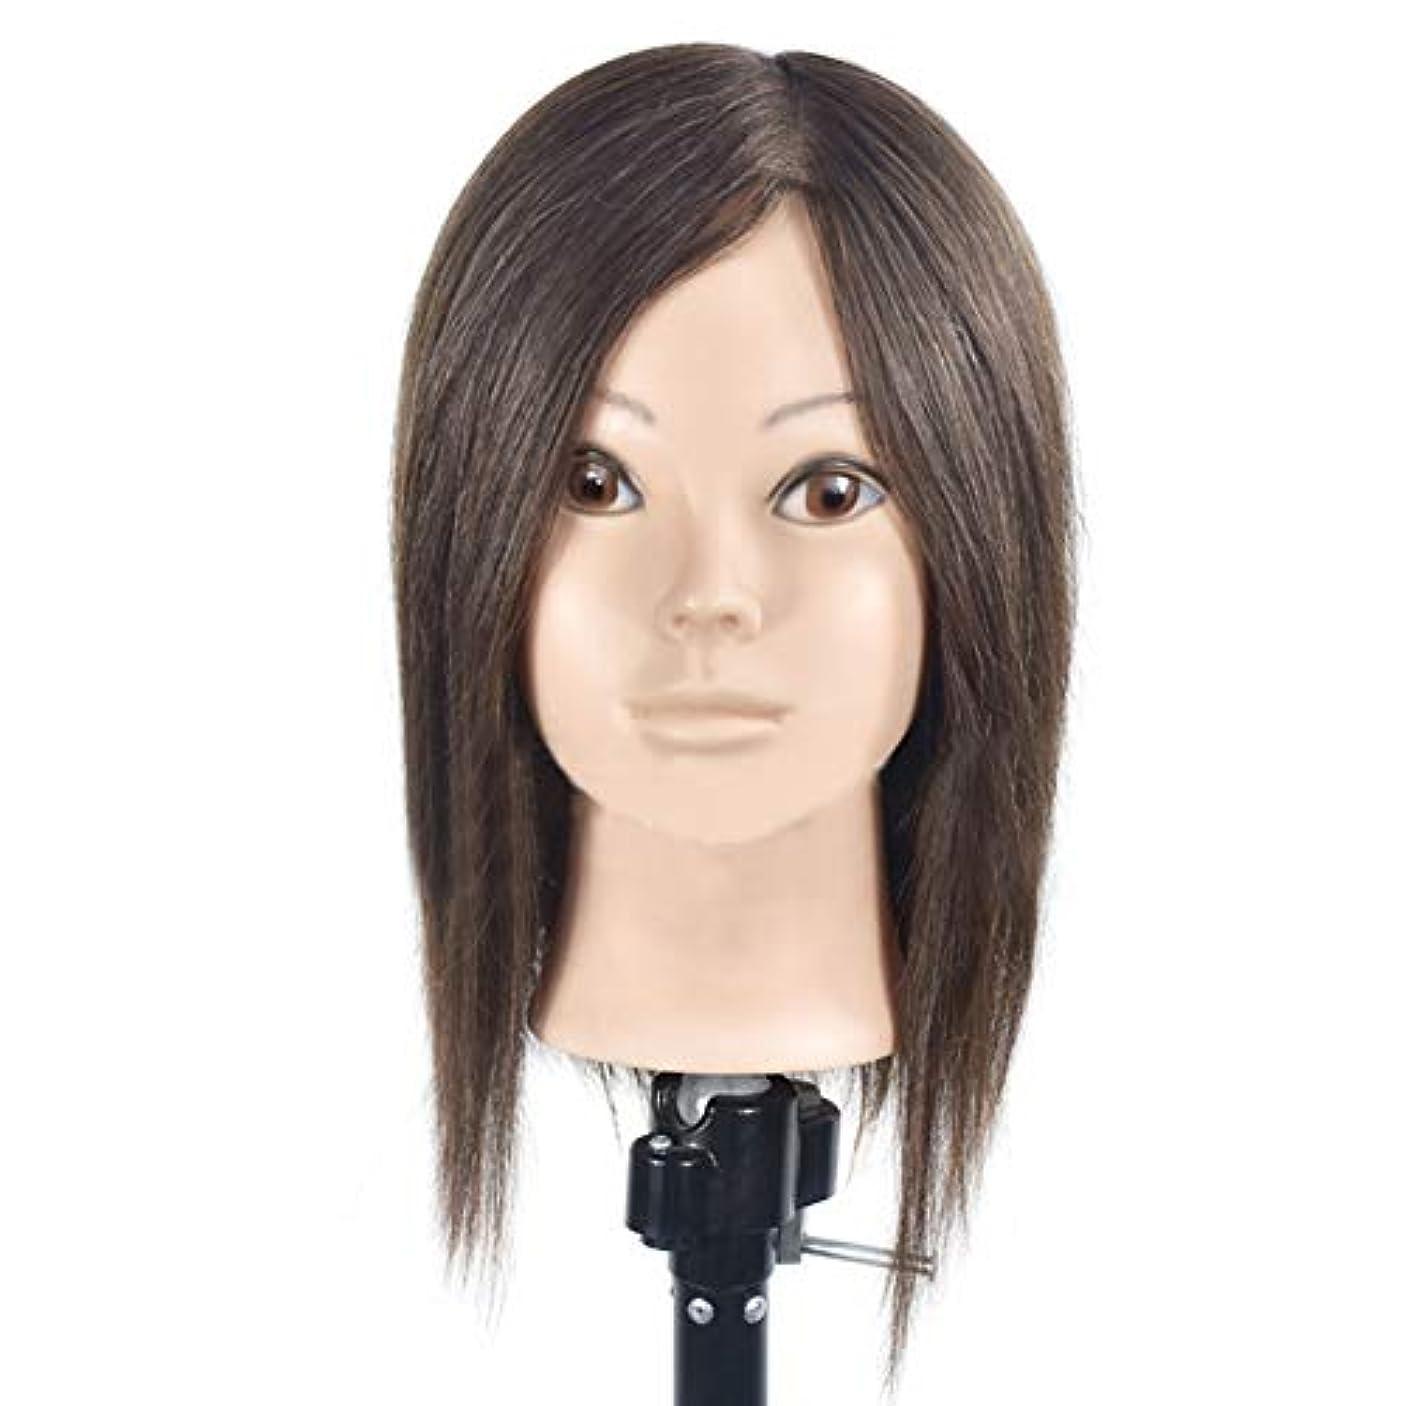 補償もの餌本物の人間の髪のかつらの頭の金型の理髪の髪型のスタイリングマネキンの頭の理髪店の練習の練習ダミーヘッド